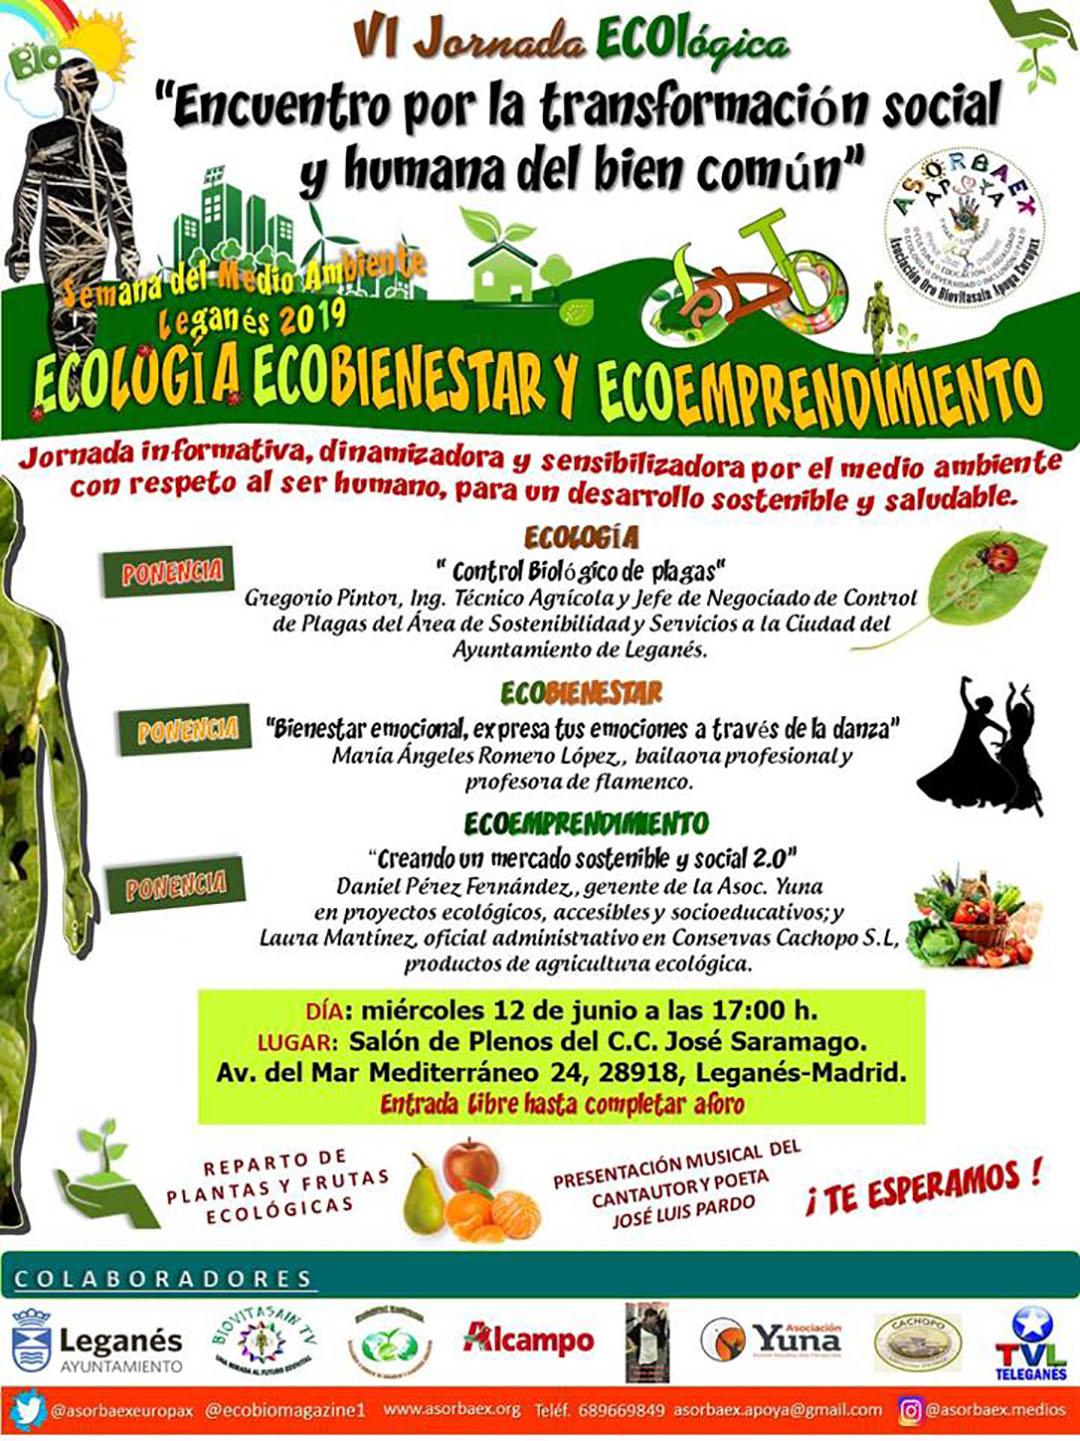 """VI Jornada ECOlógica """"Encuentro por la transformación social y humana del bien común"""""""